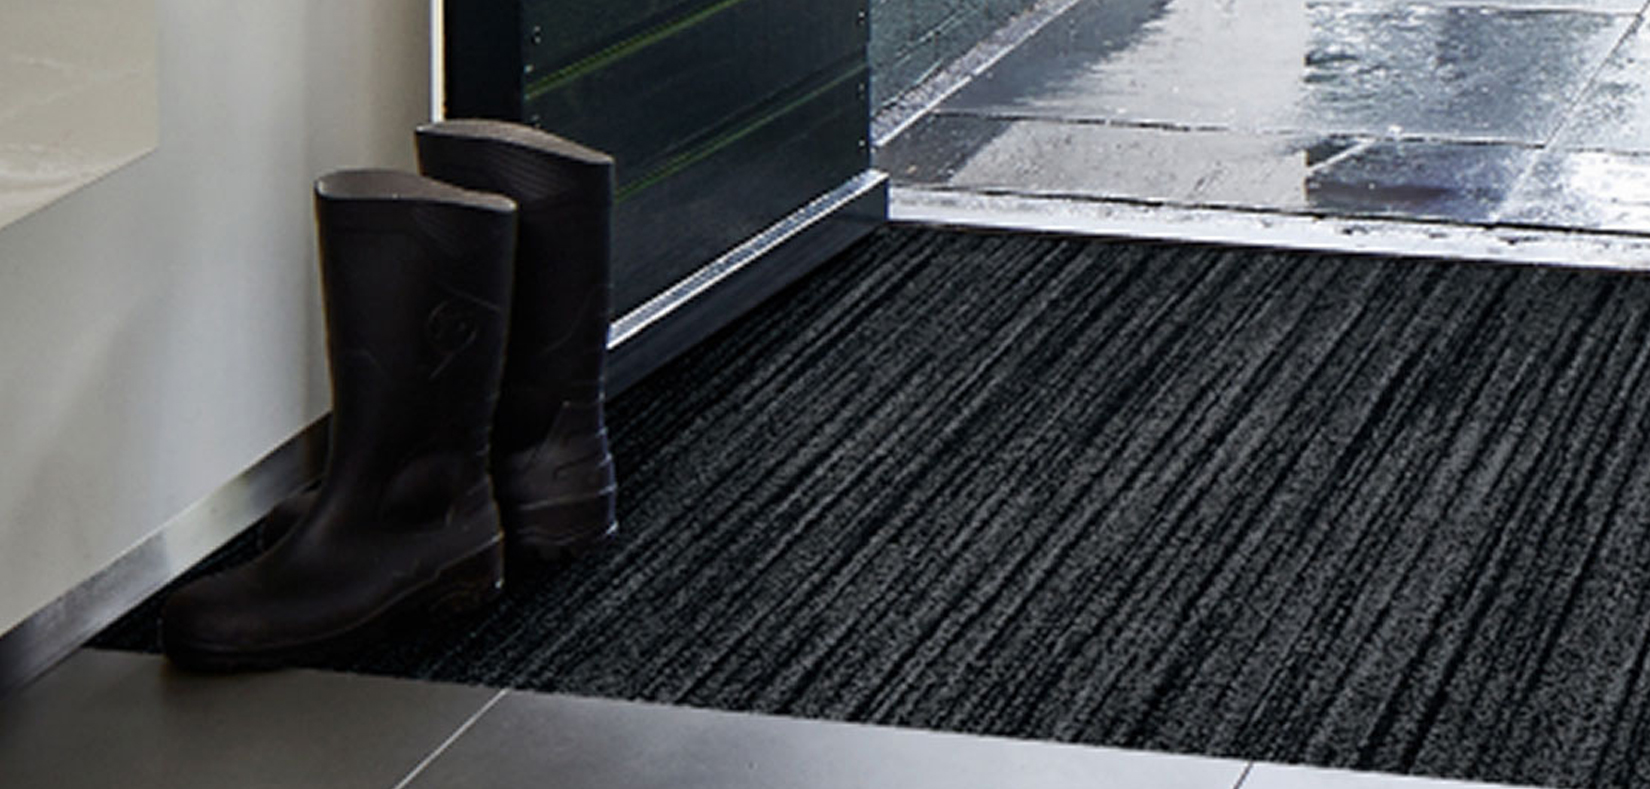 vloeren-overzicht-schoonloopmatten